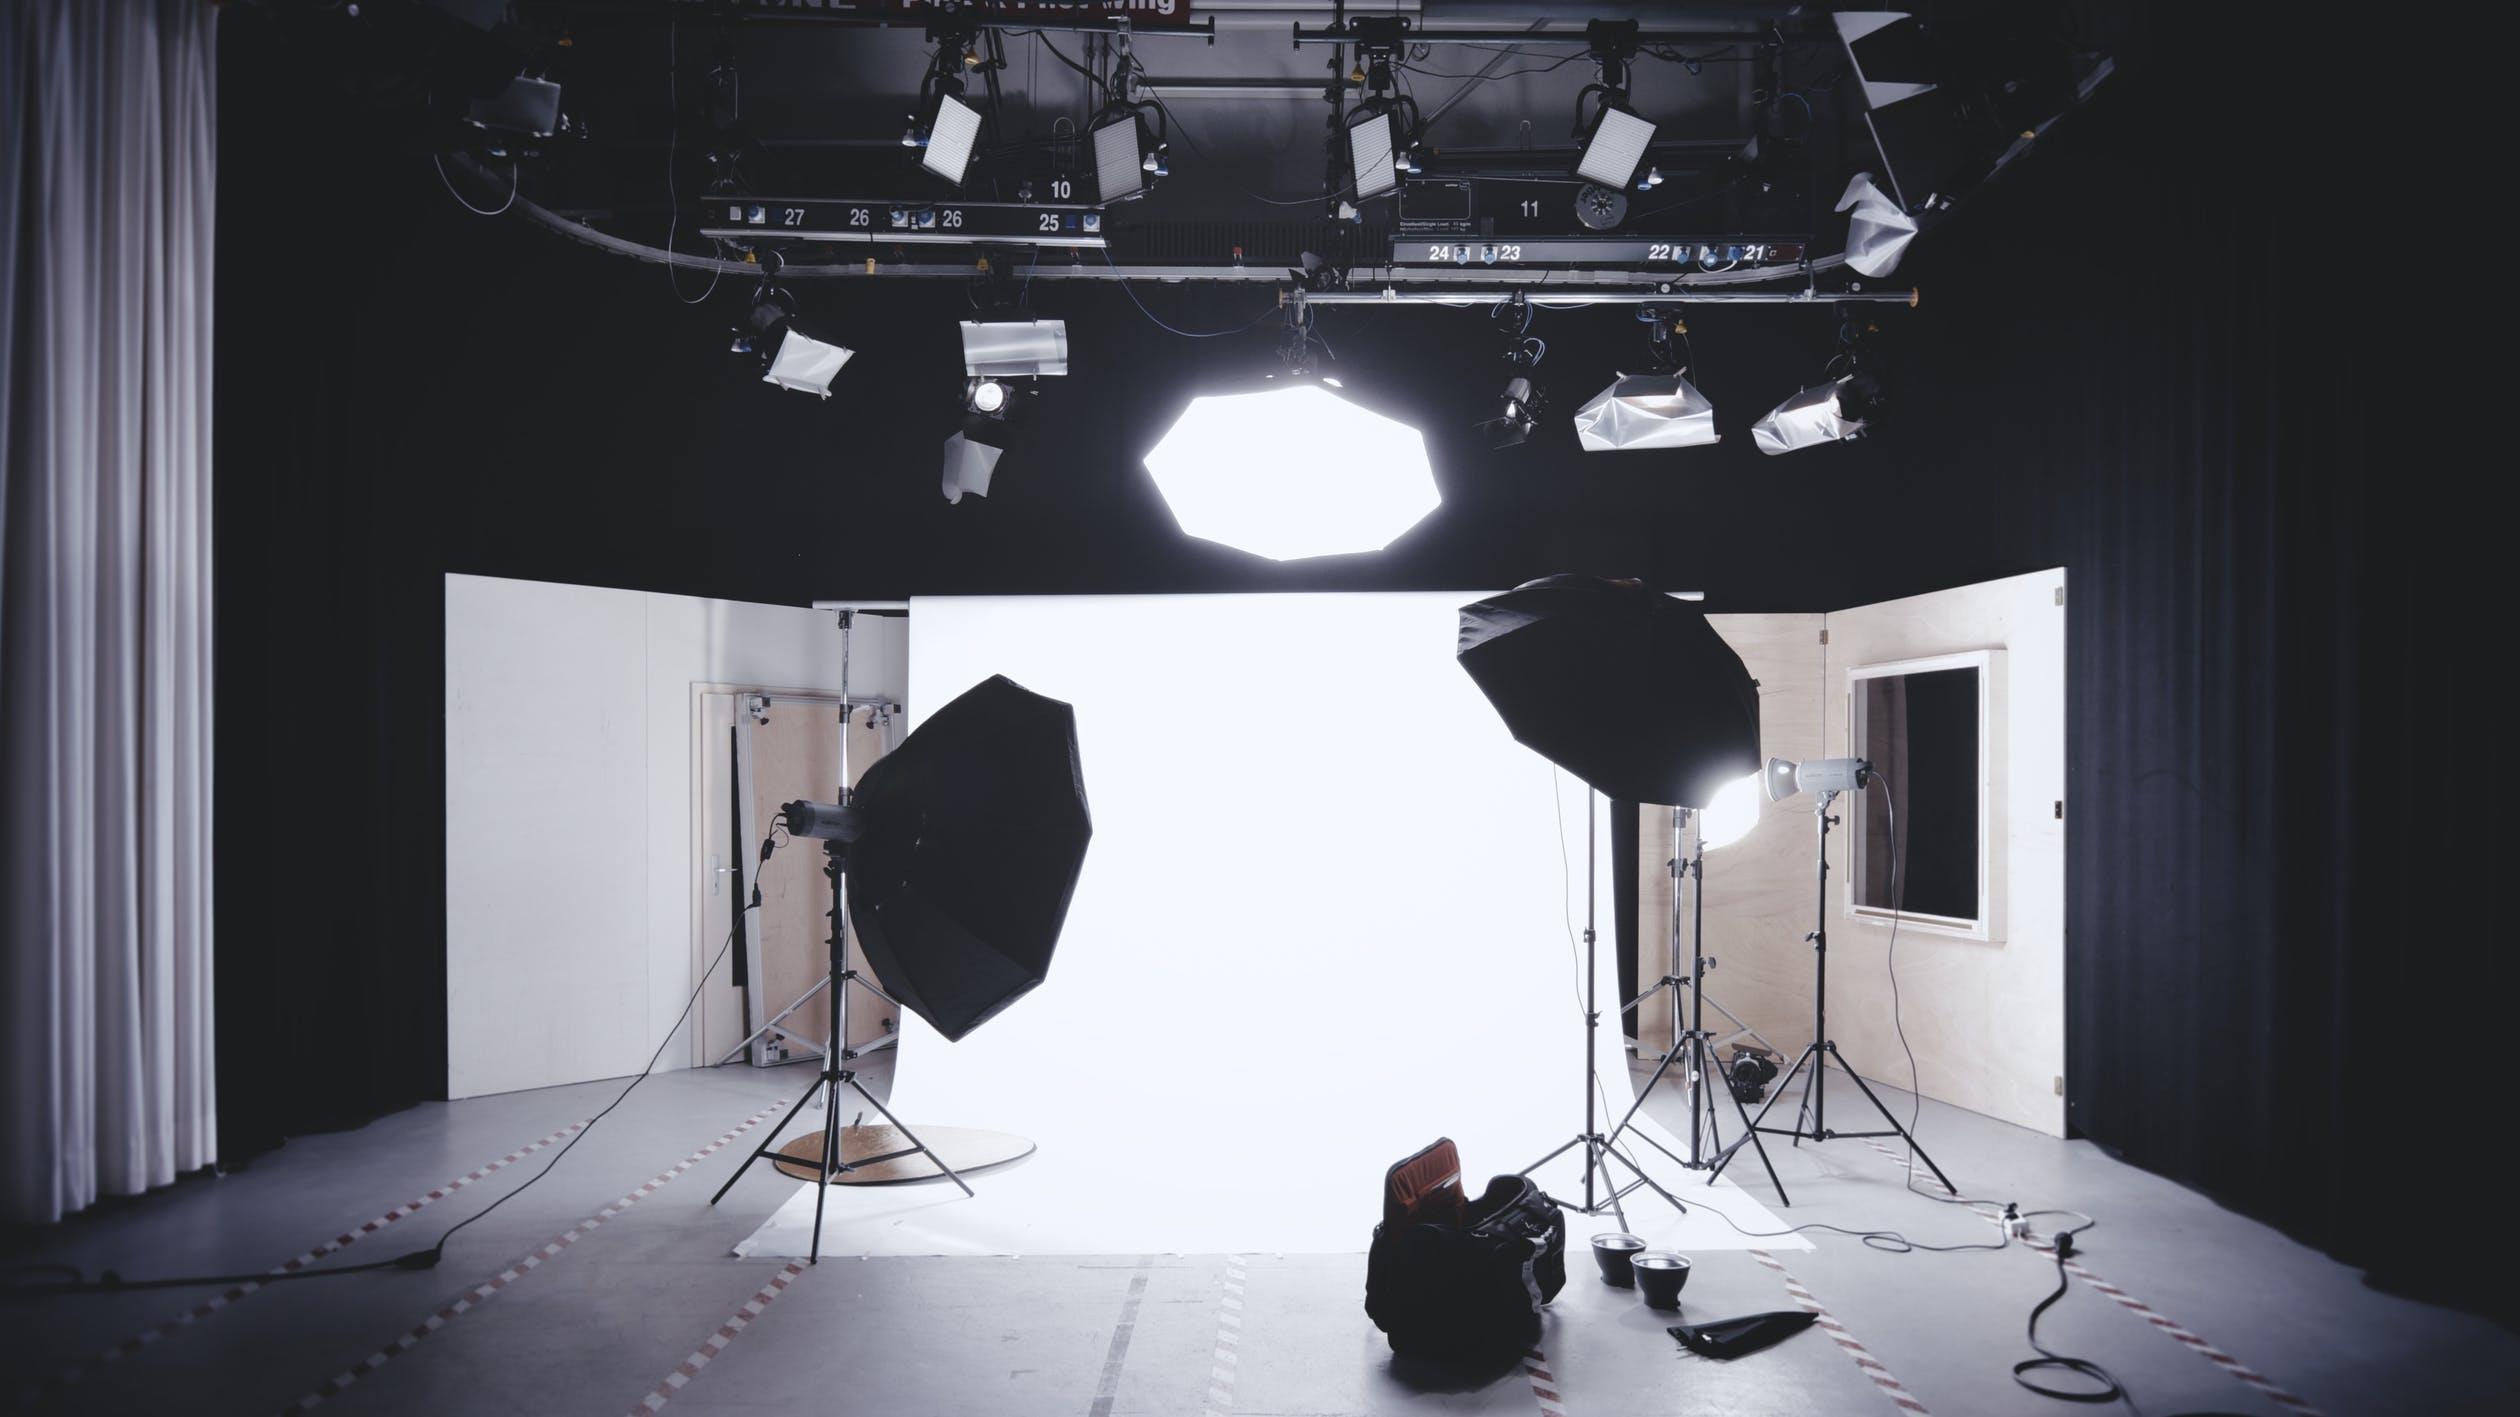 Hoe kies je de juiste fotograaf voor een klus?